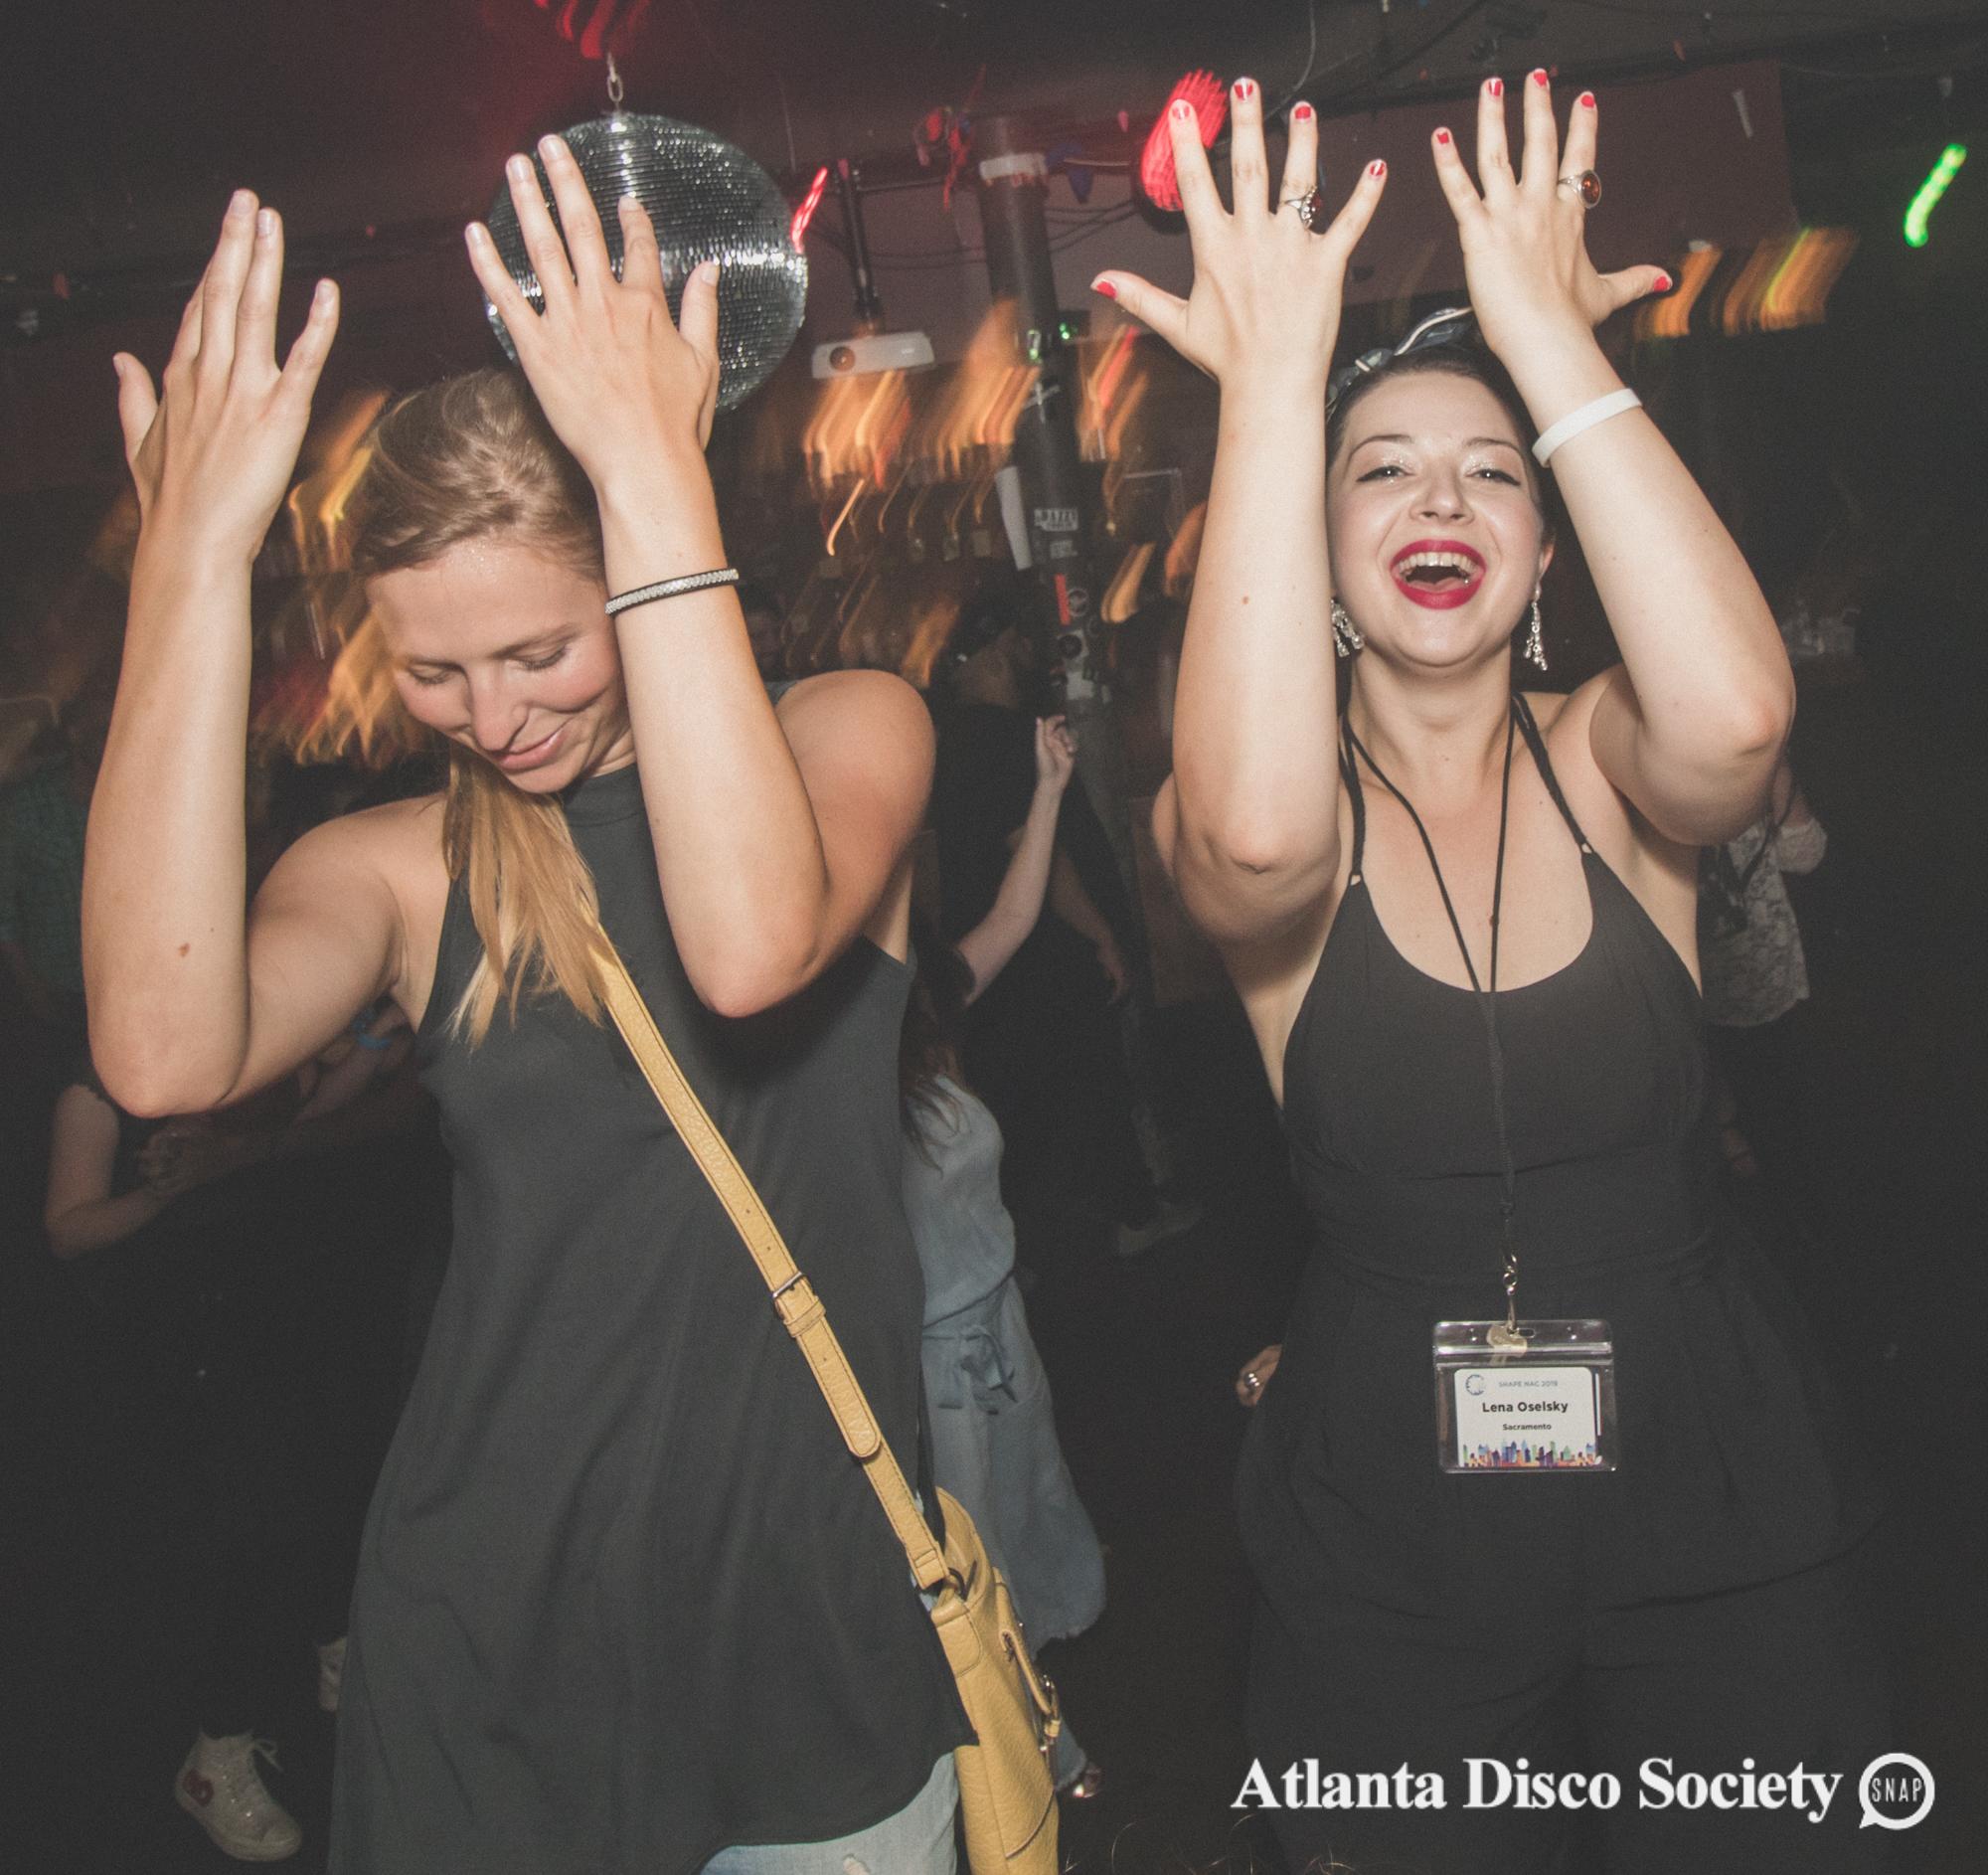 186Atlanta Disco Society Grace Kelly Oh Snap Kid 7.27.19.jpg